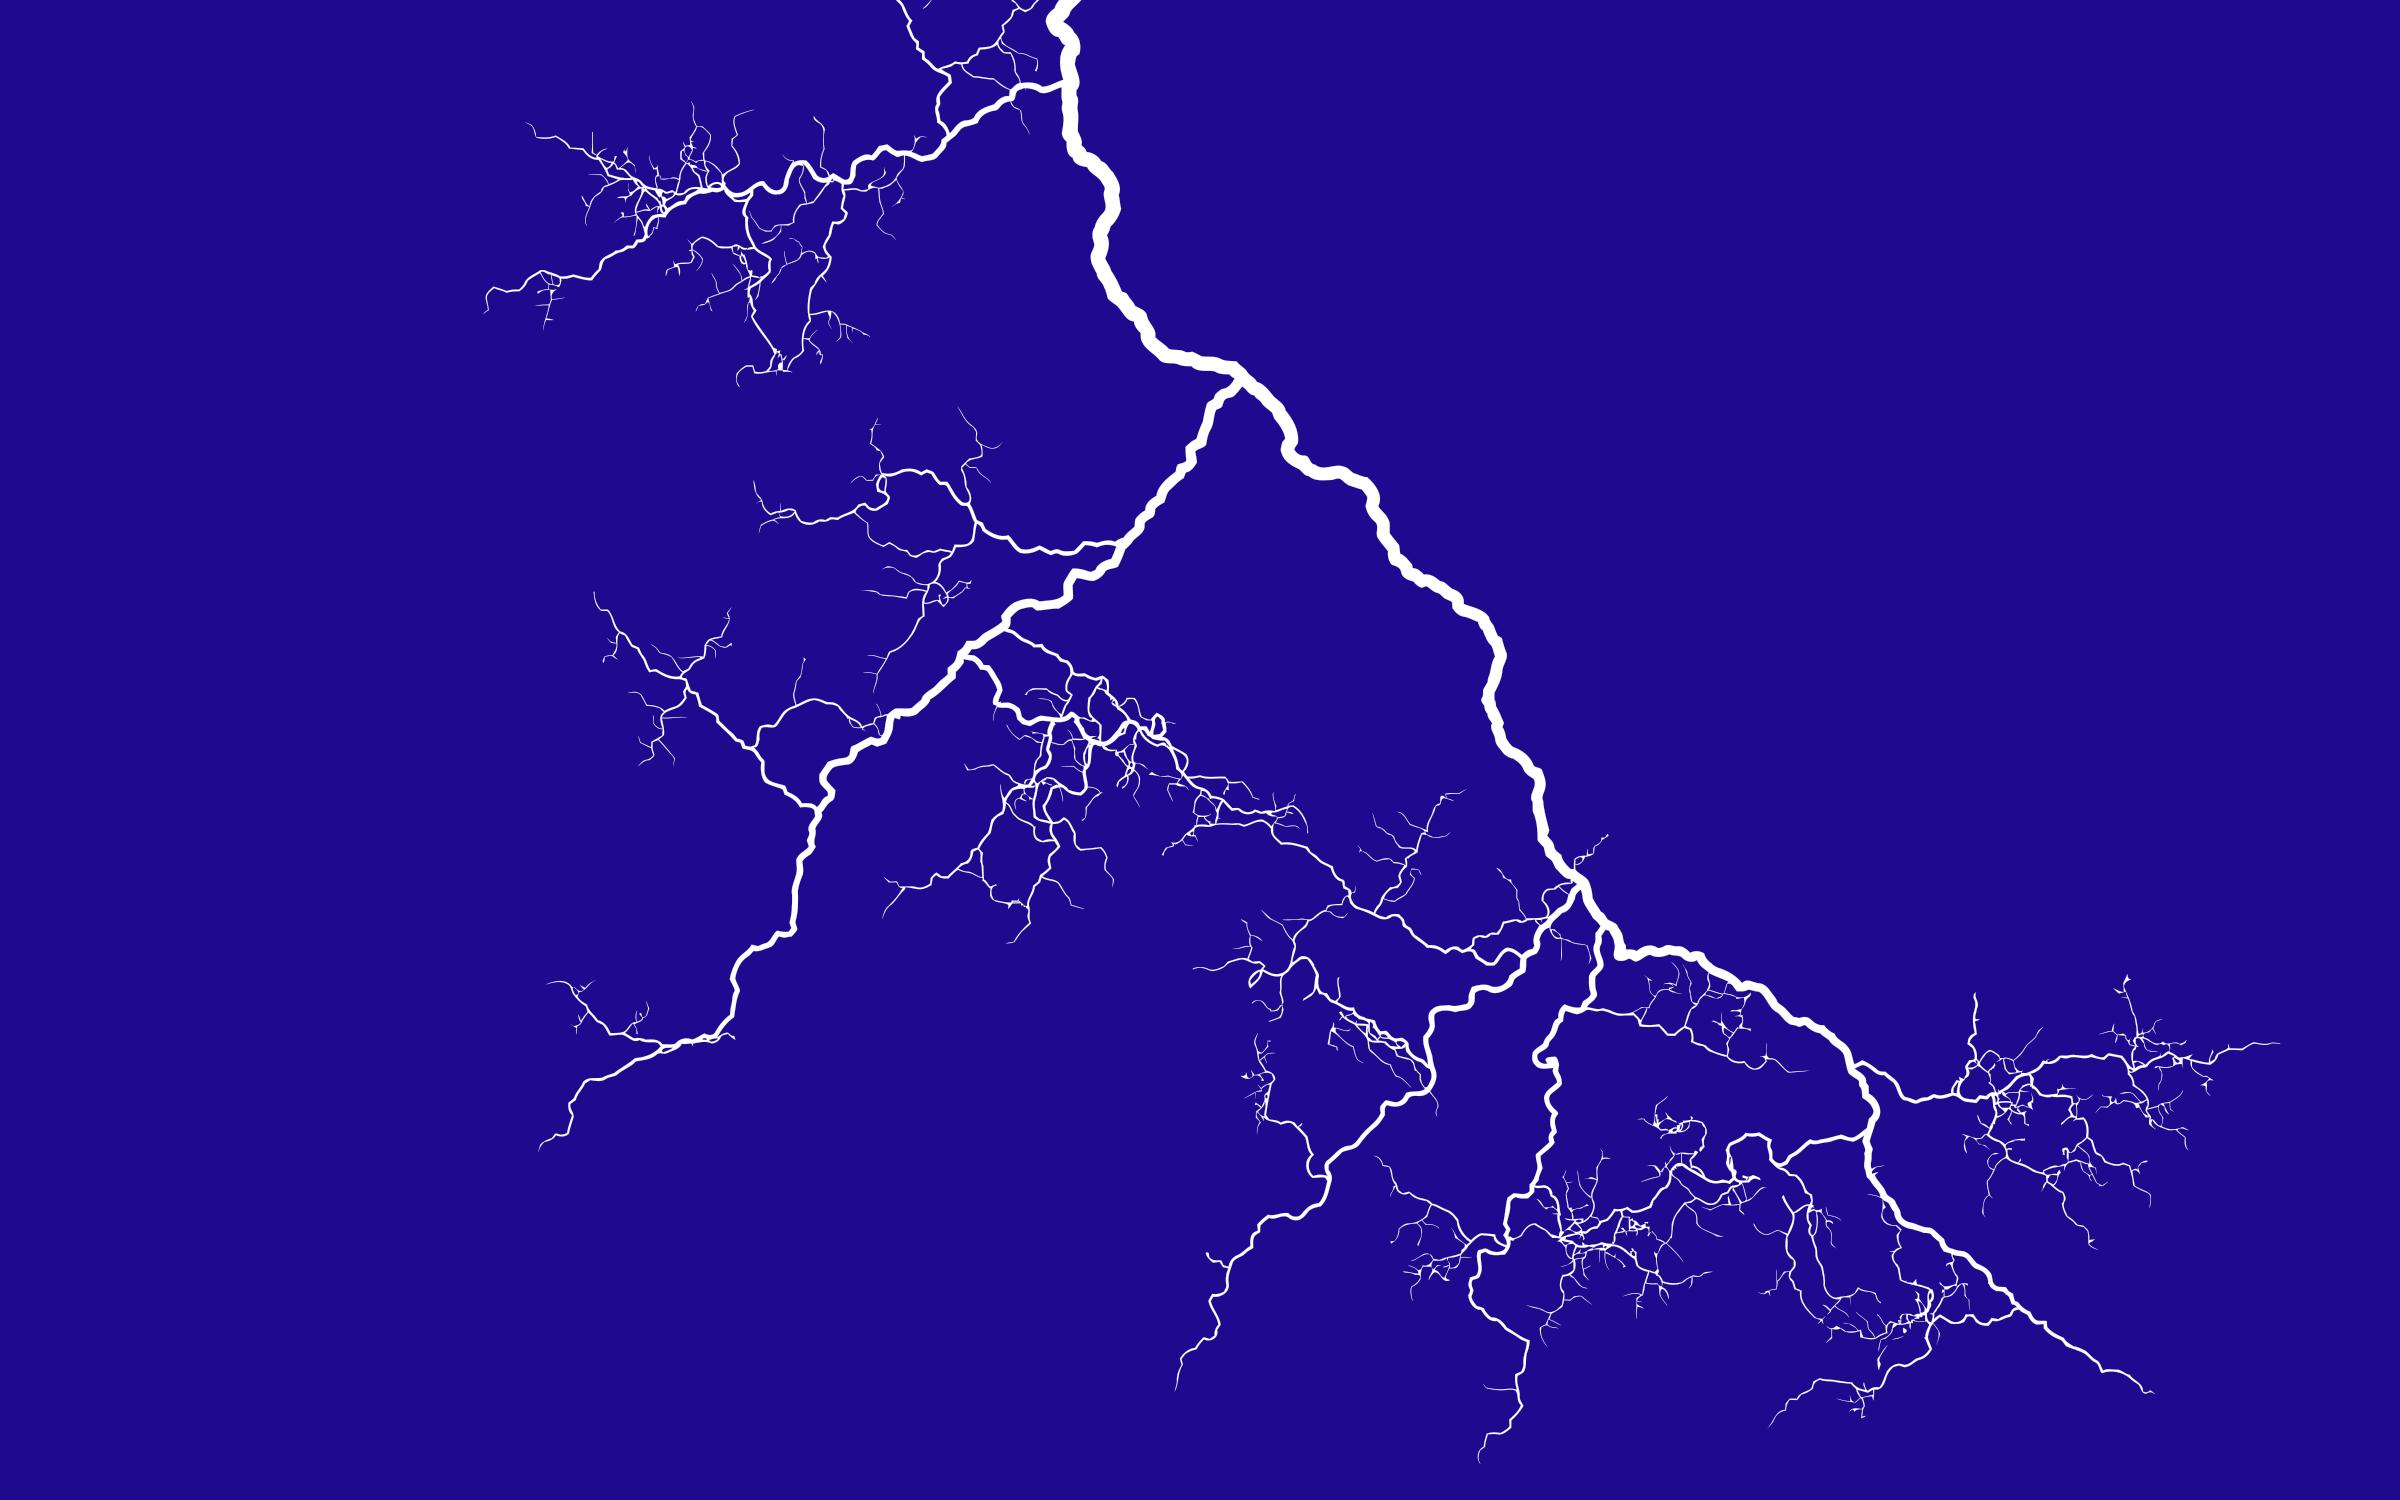 Thunder clipart purple Thunder And Clipart Lightning Lightning